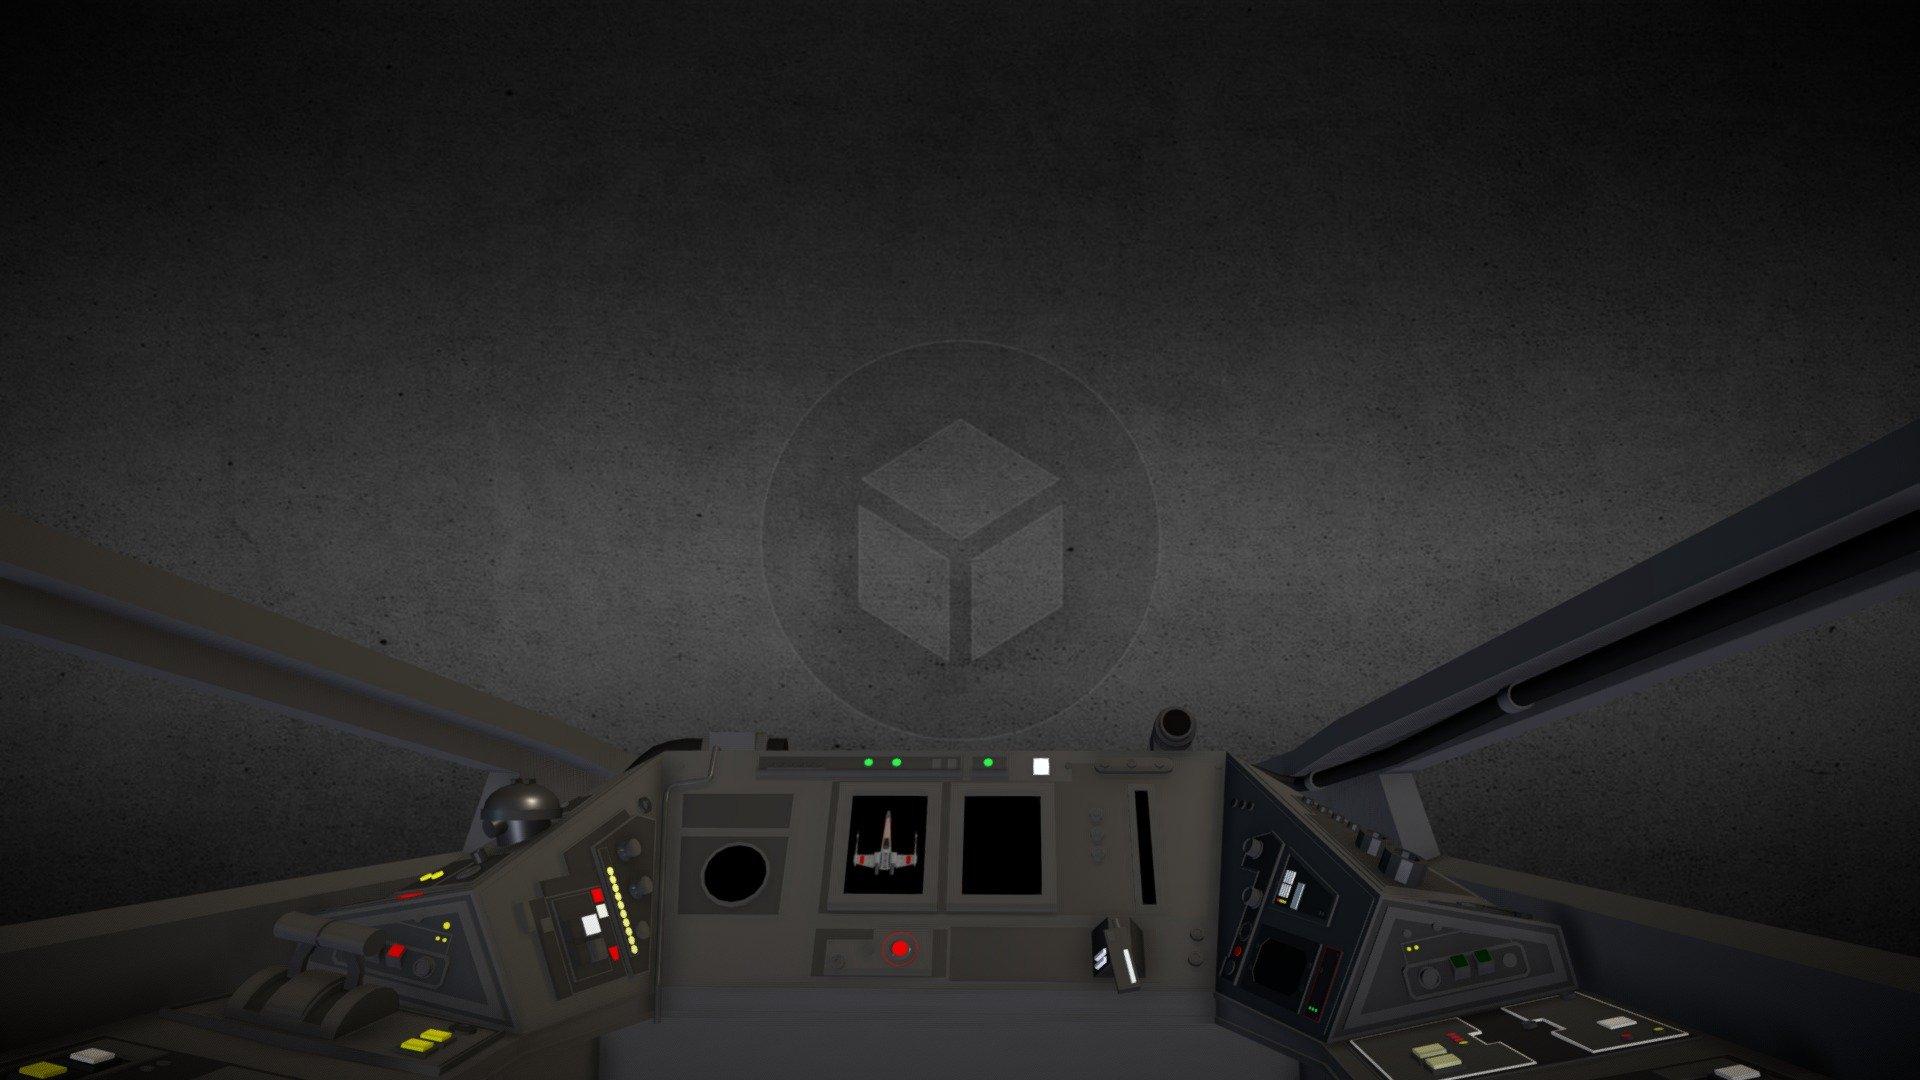 Star Wars X Wing Cockpit 3d Model By Daniel Danielandersson